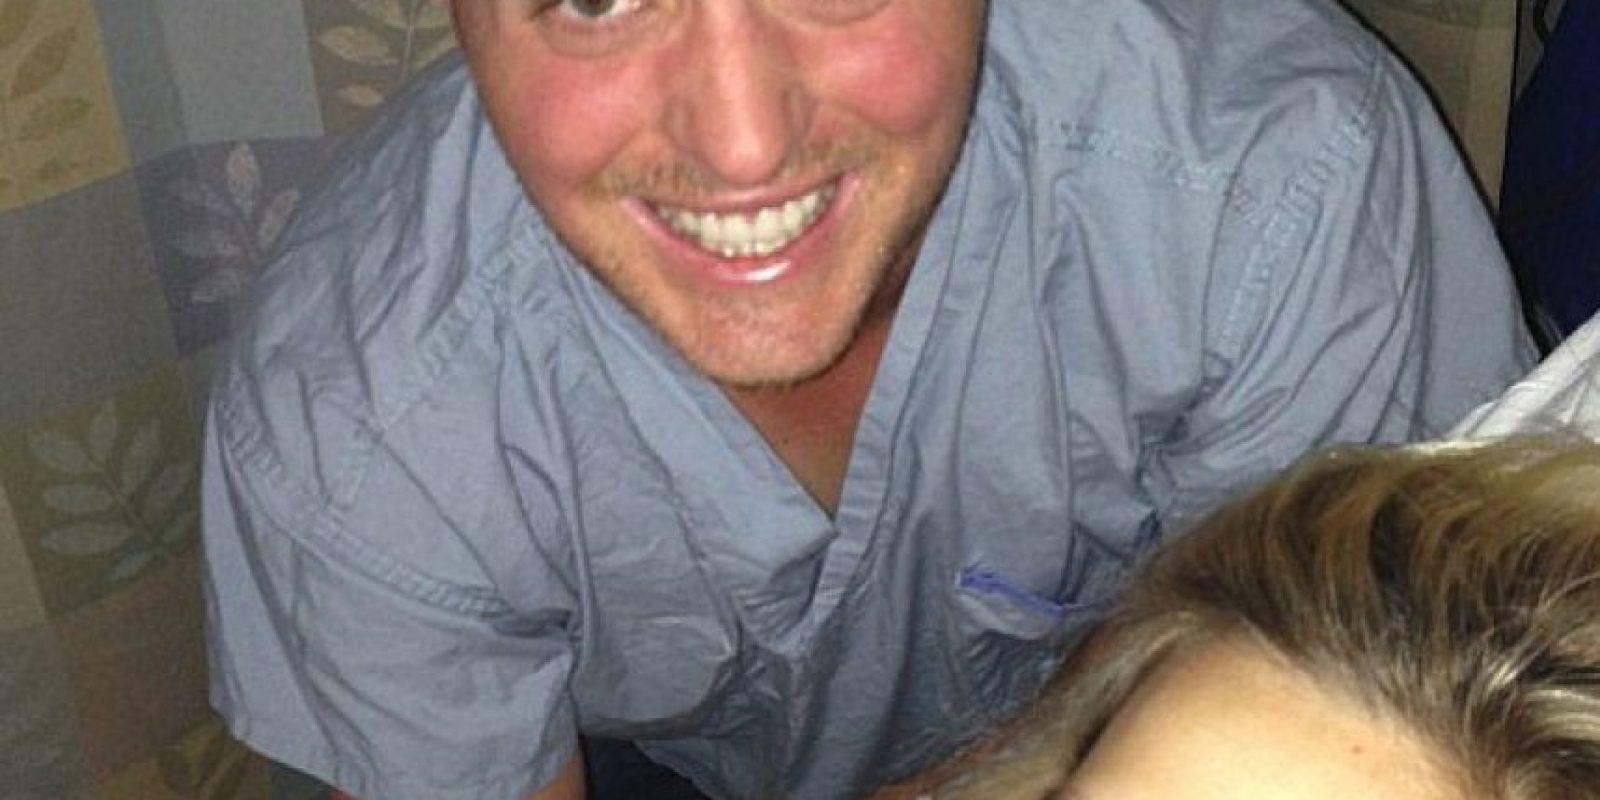 Noah Bublé, el hijo de Michael Bublé y Luisana Lopilato Foto:vía instagram.com/michaelbuble